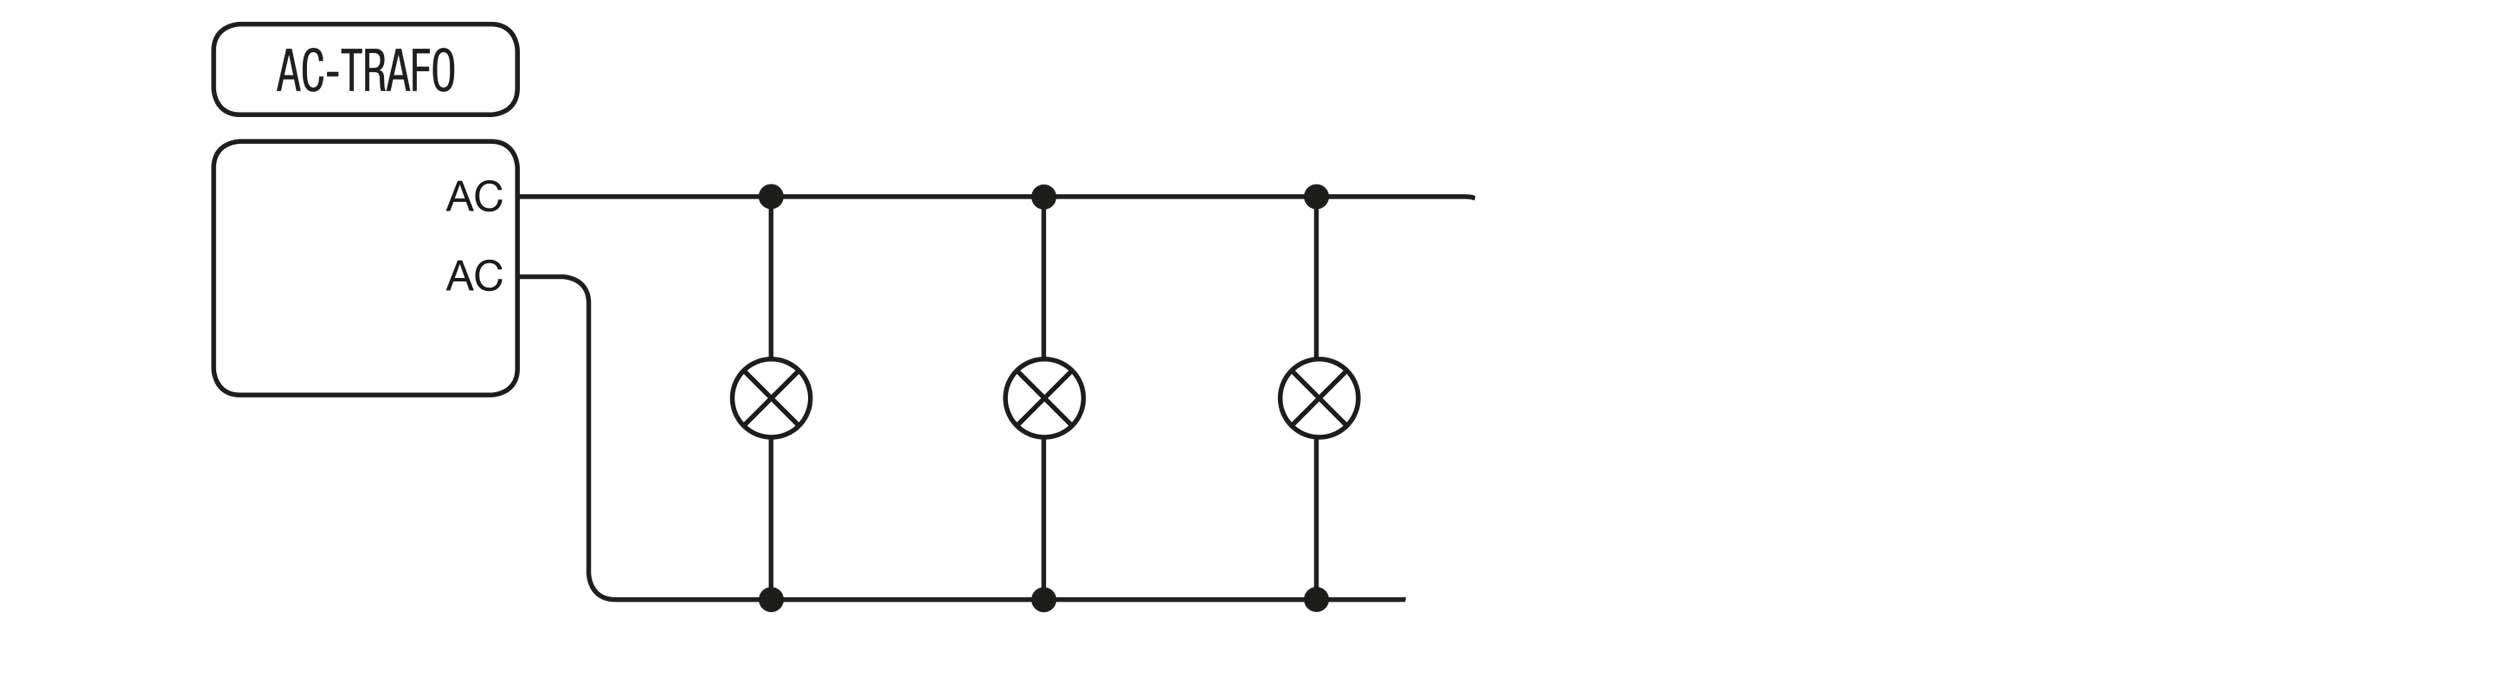 Parallellkoppling